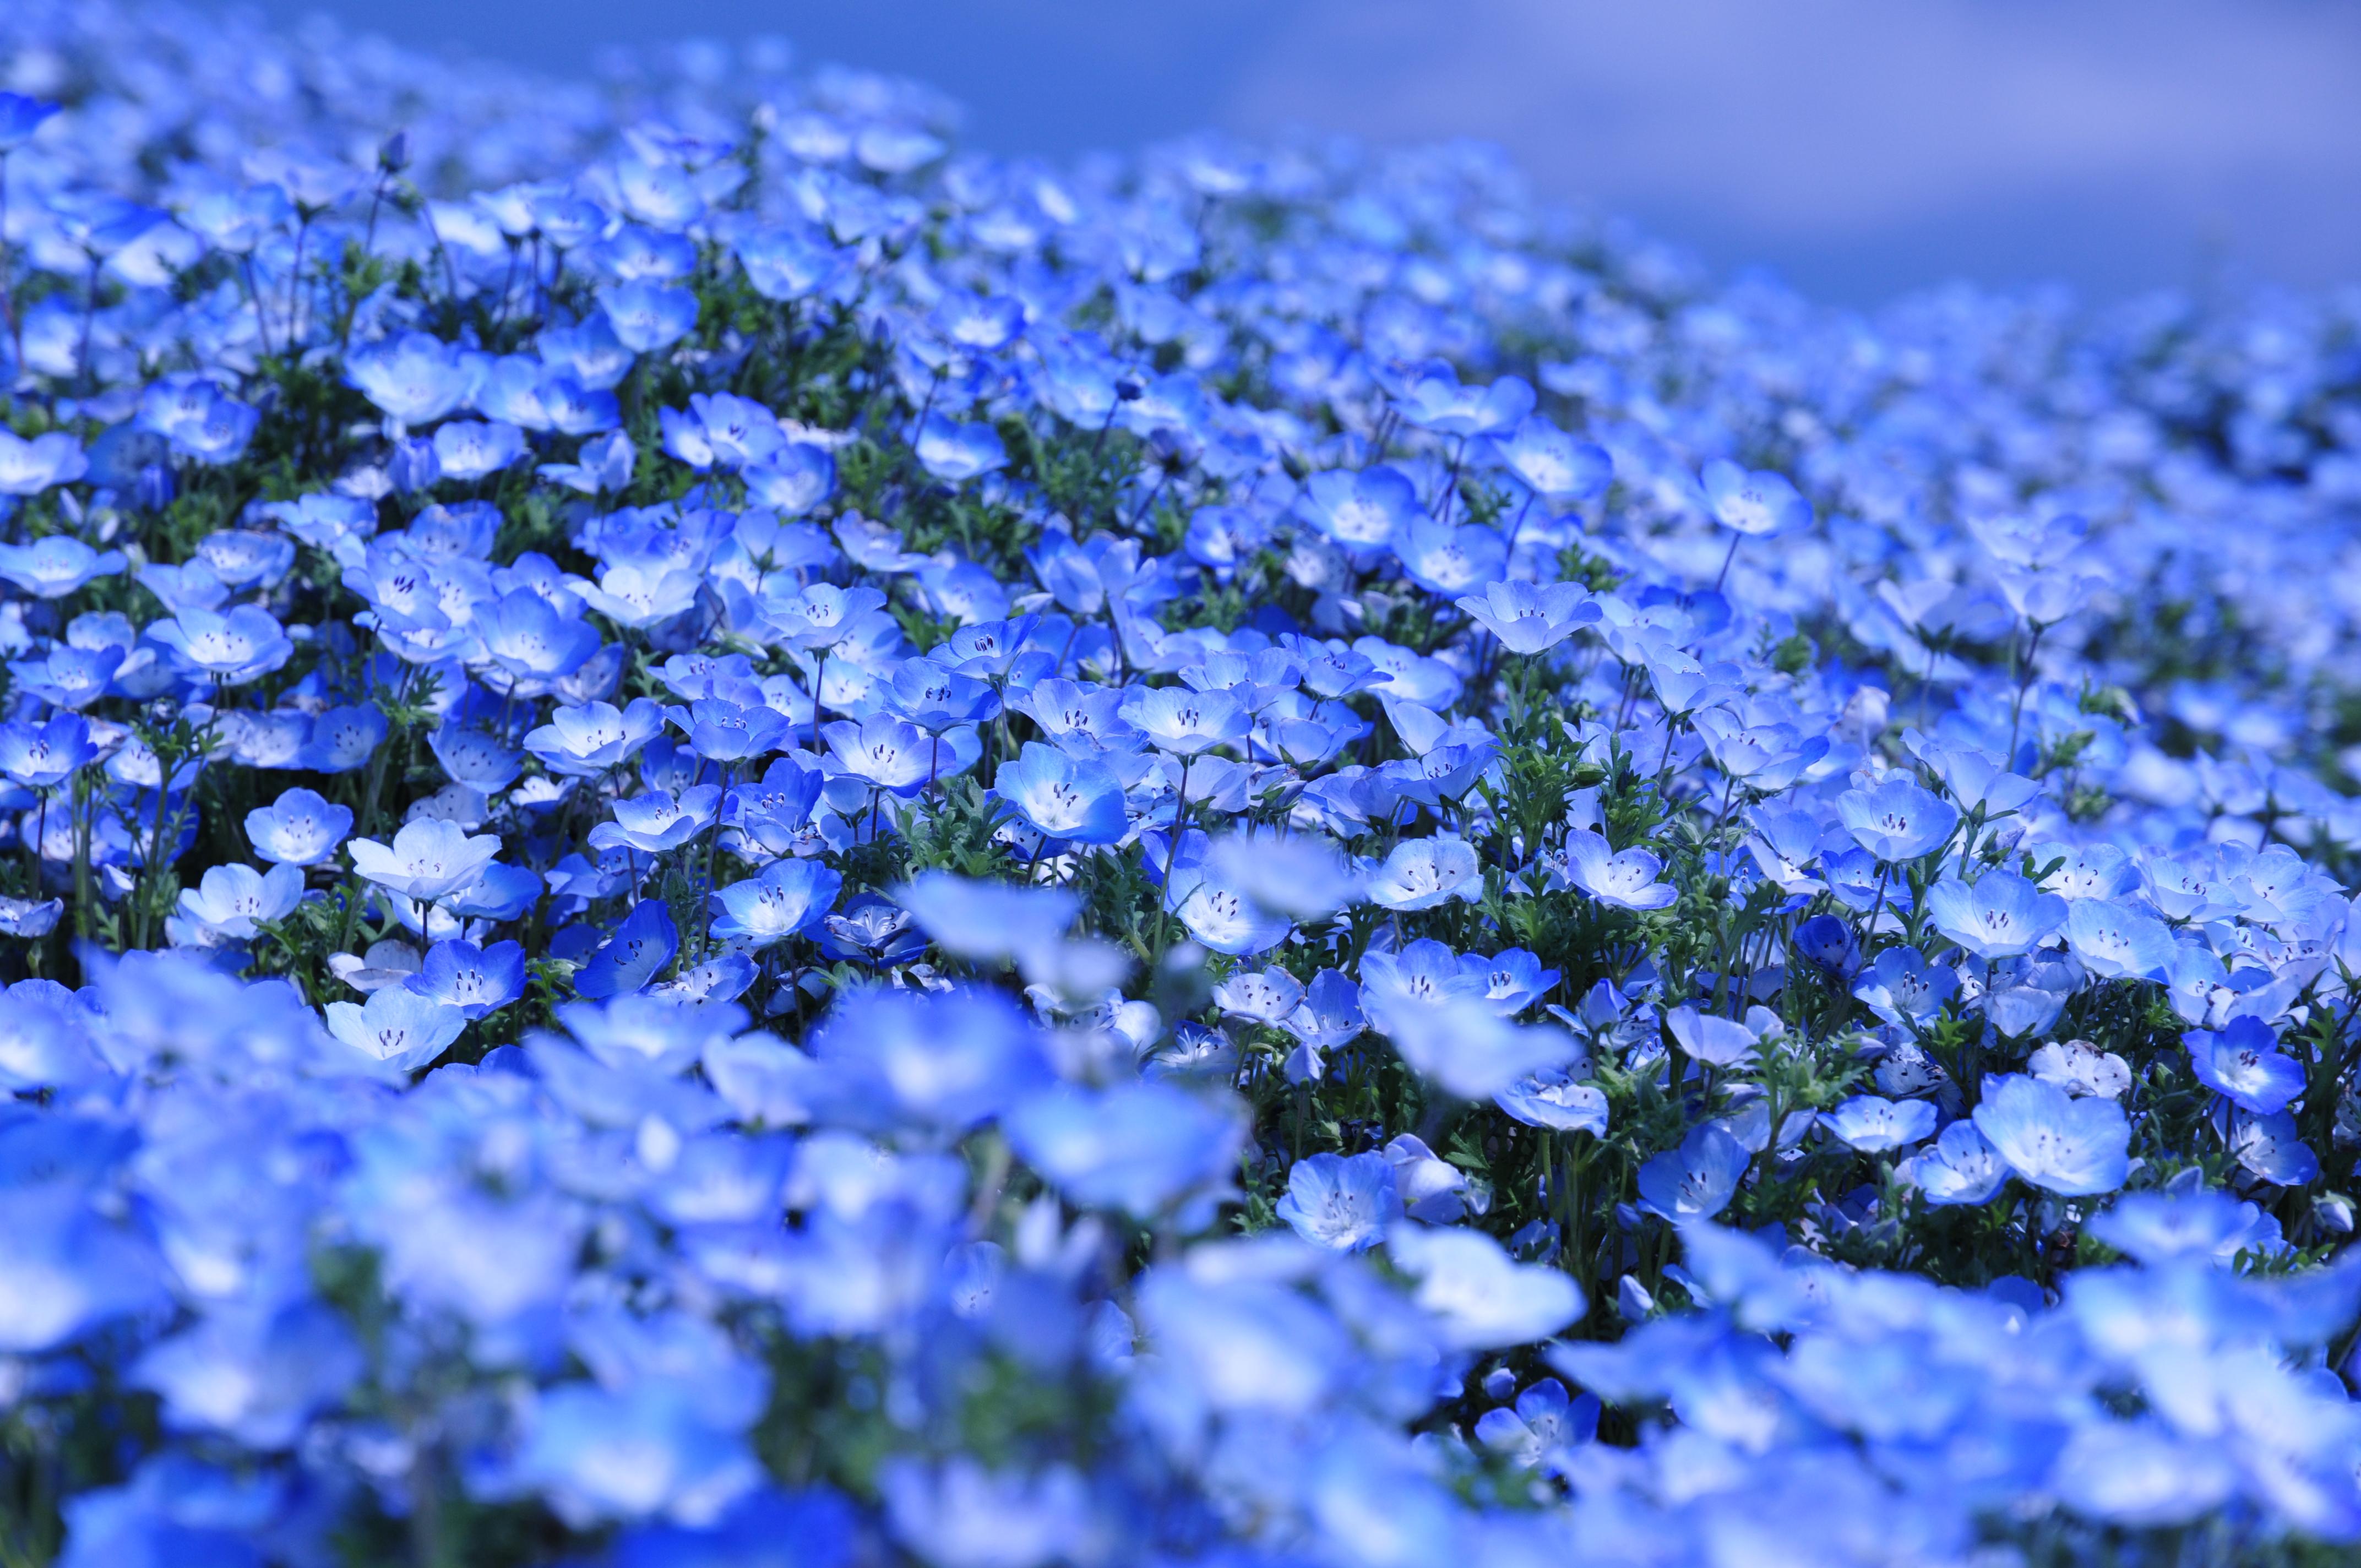 ネモフィラの丘とチューリップの森 2011 おでかけphoto日記